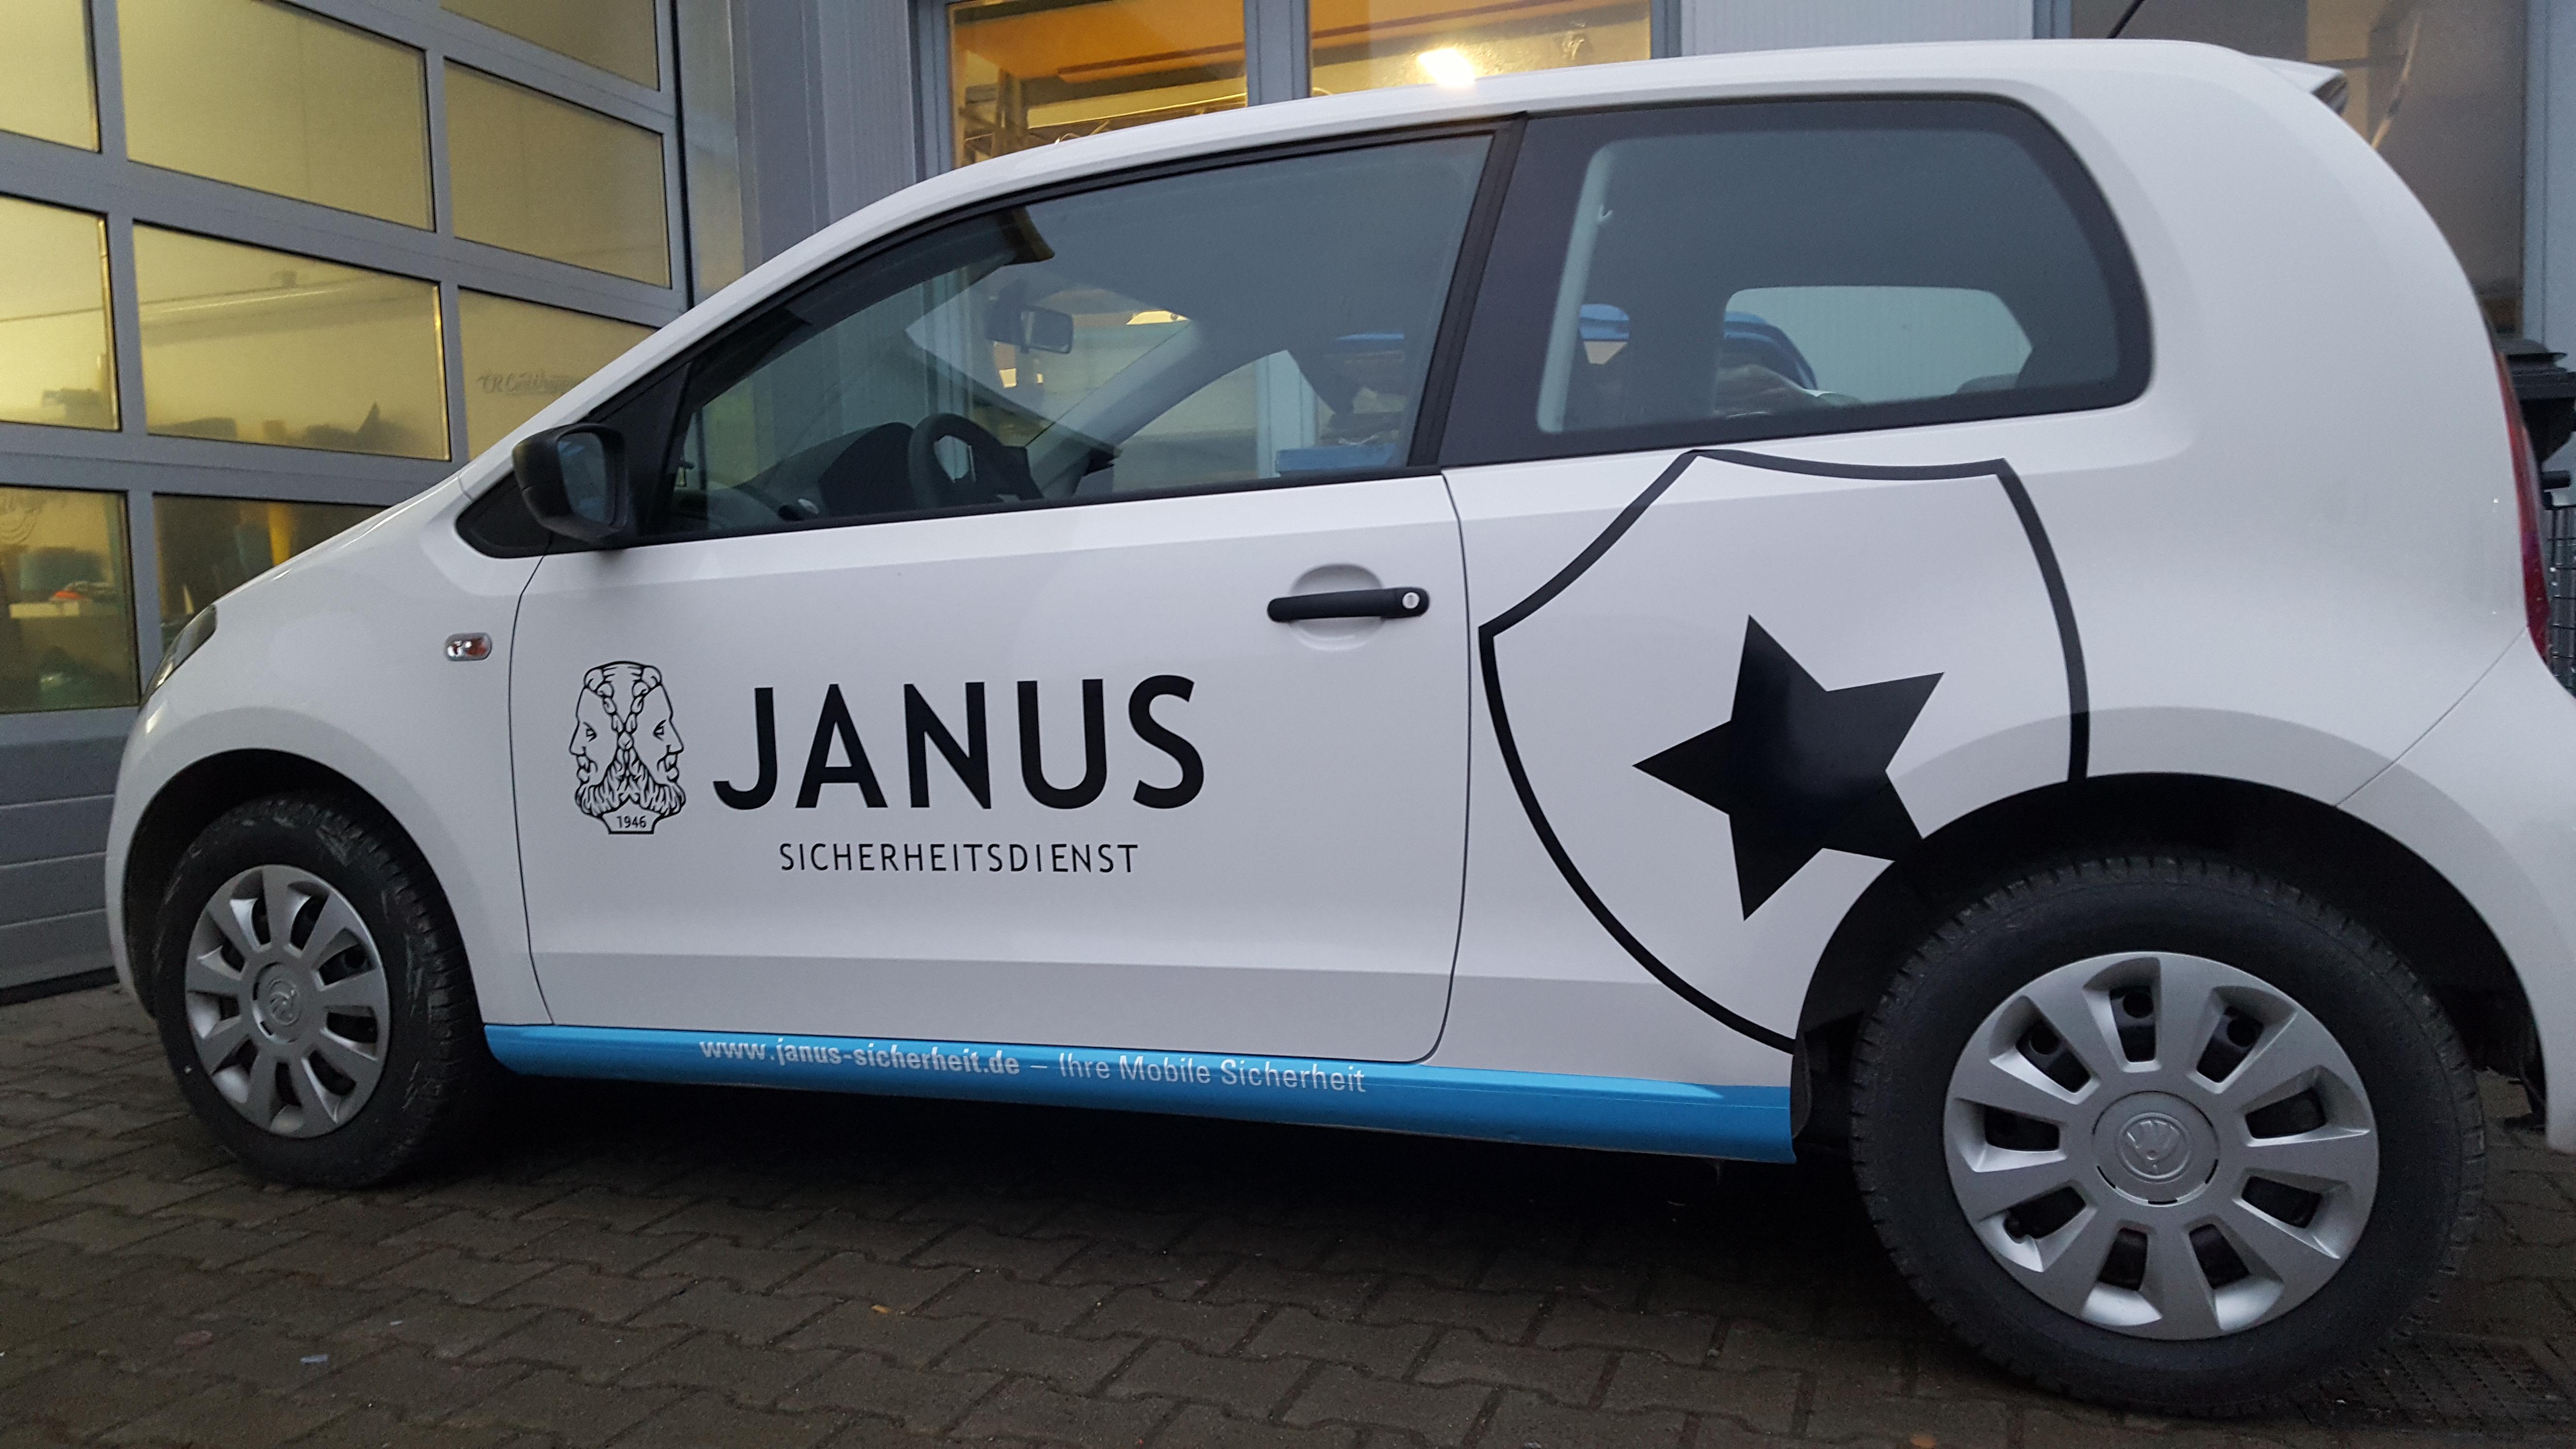 Janus sicherheitsdienst werbebeschriftung